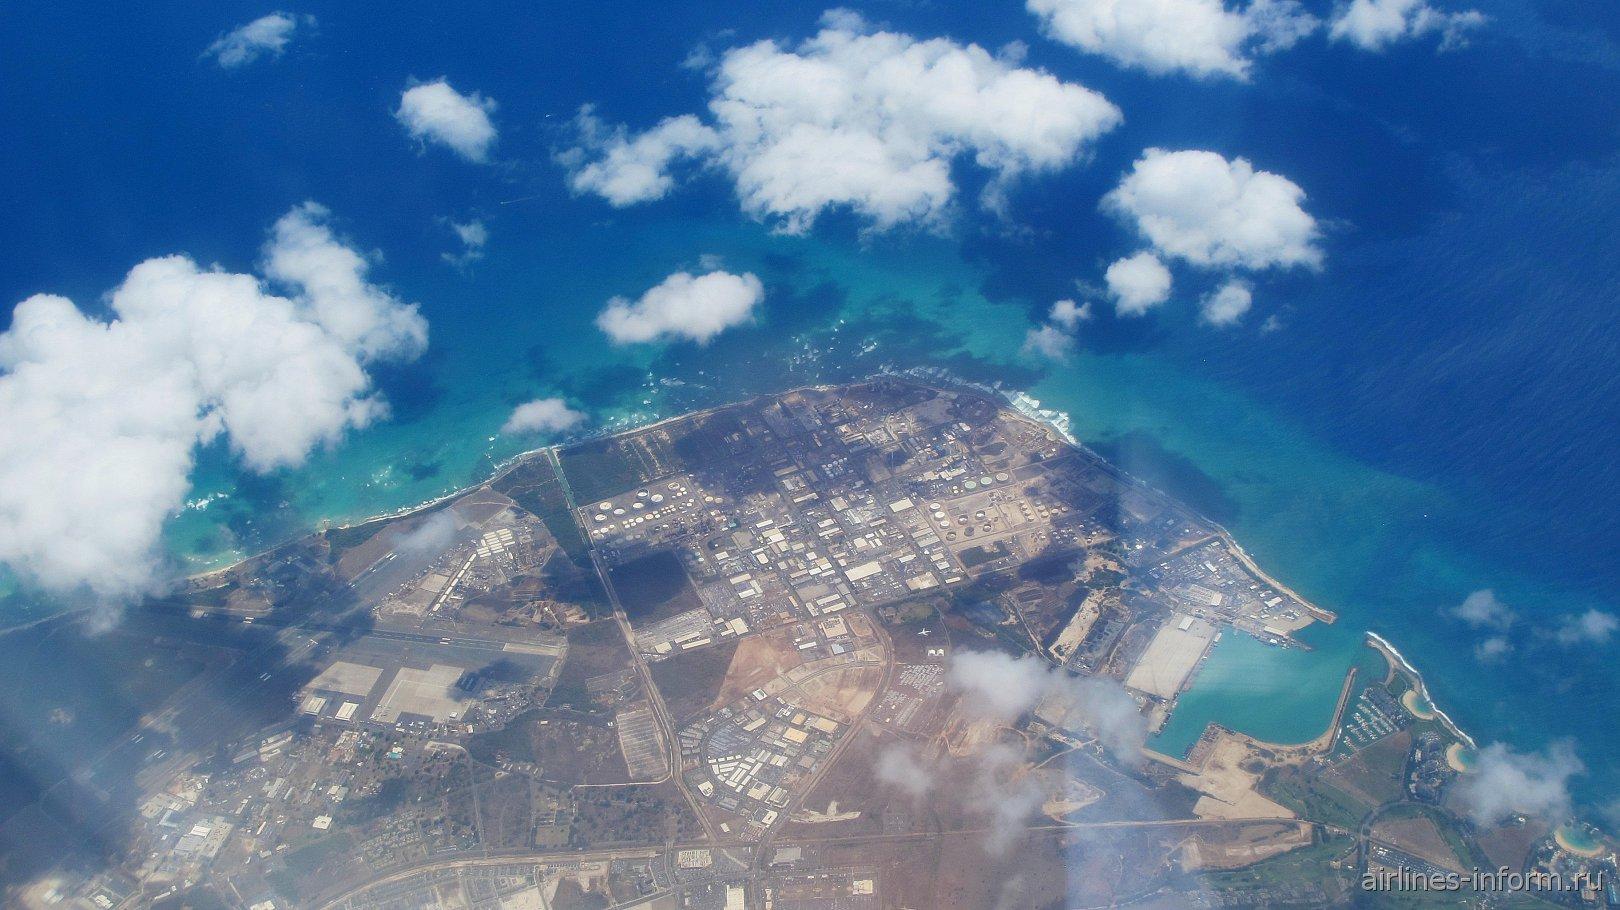 Гавайский остров Оаху